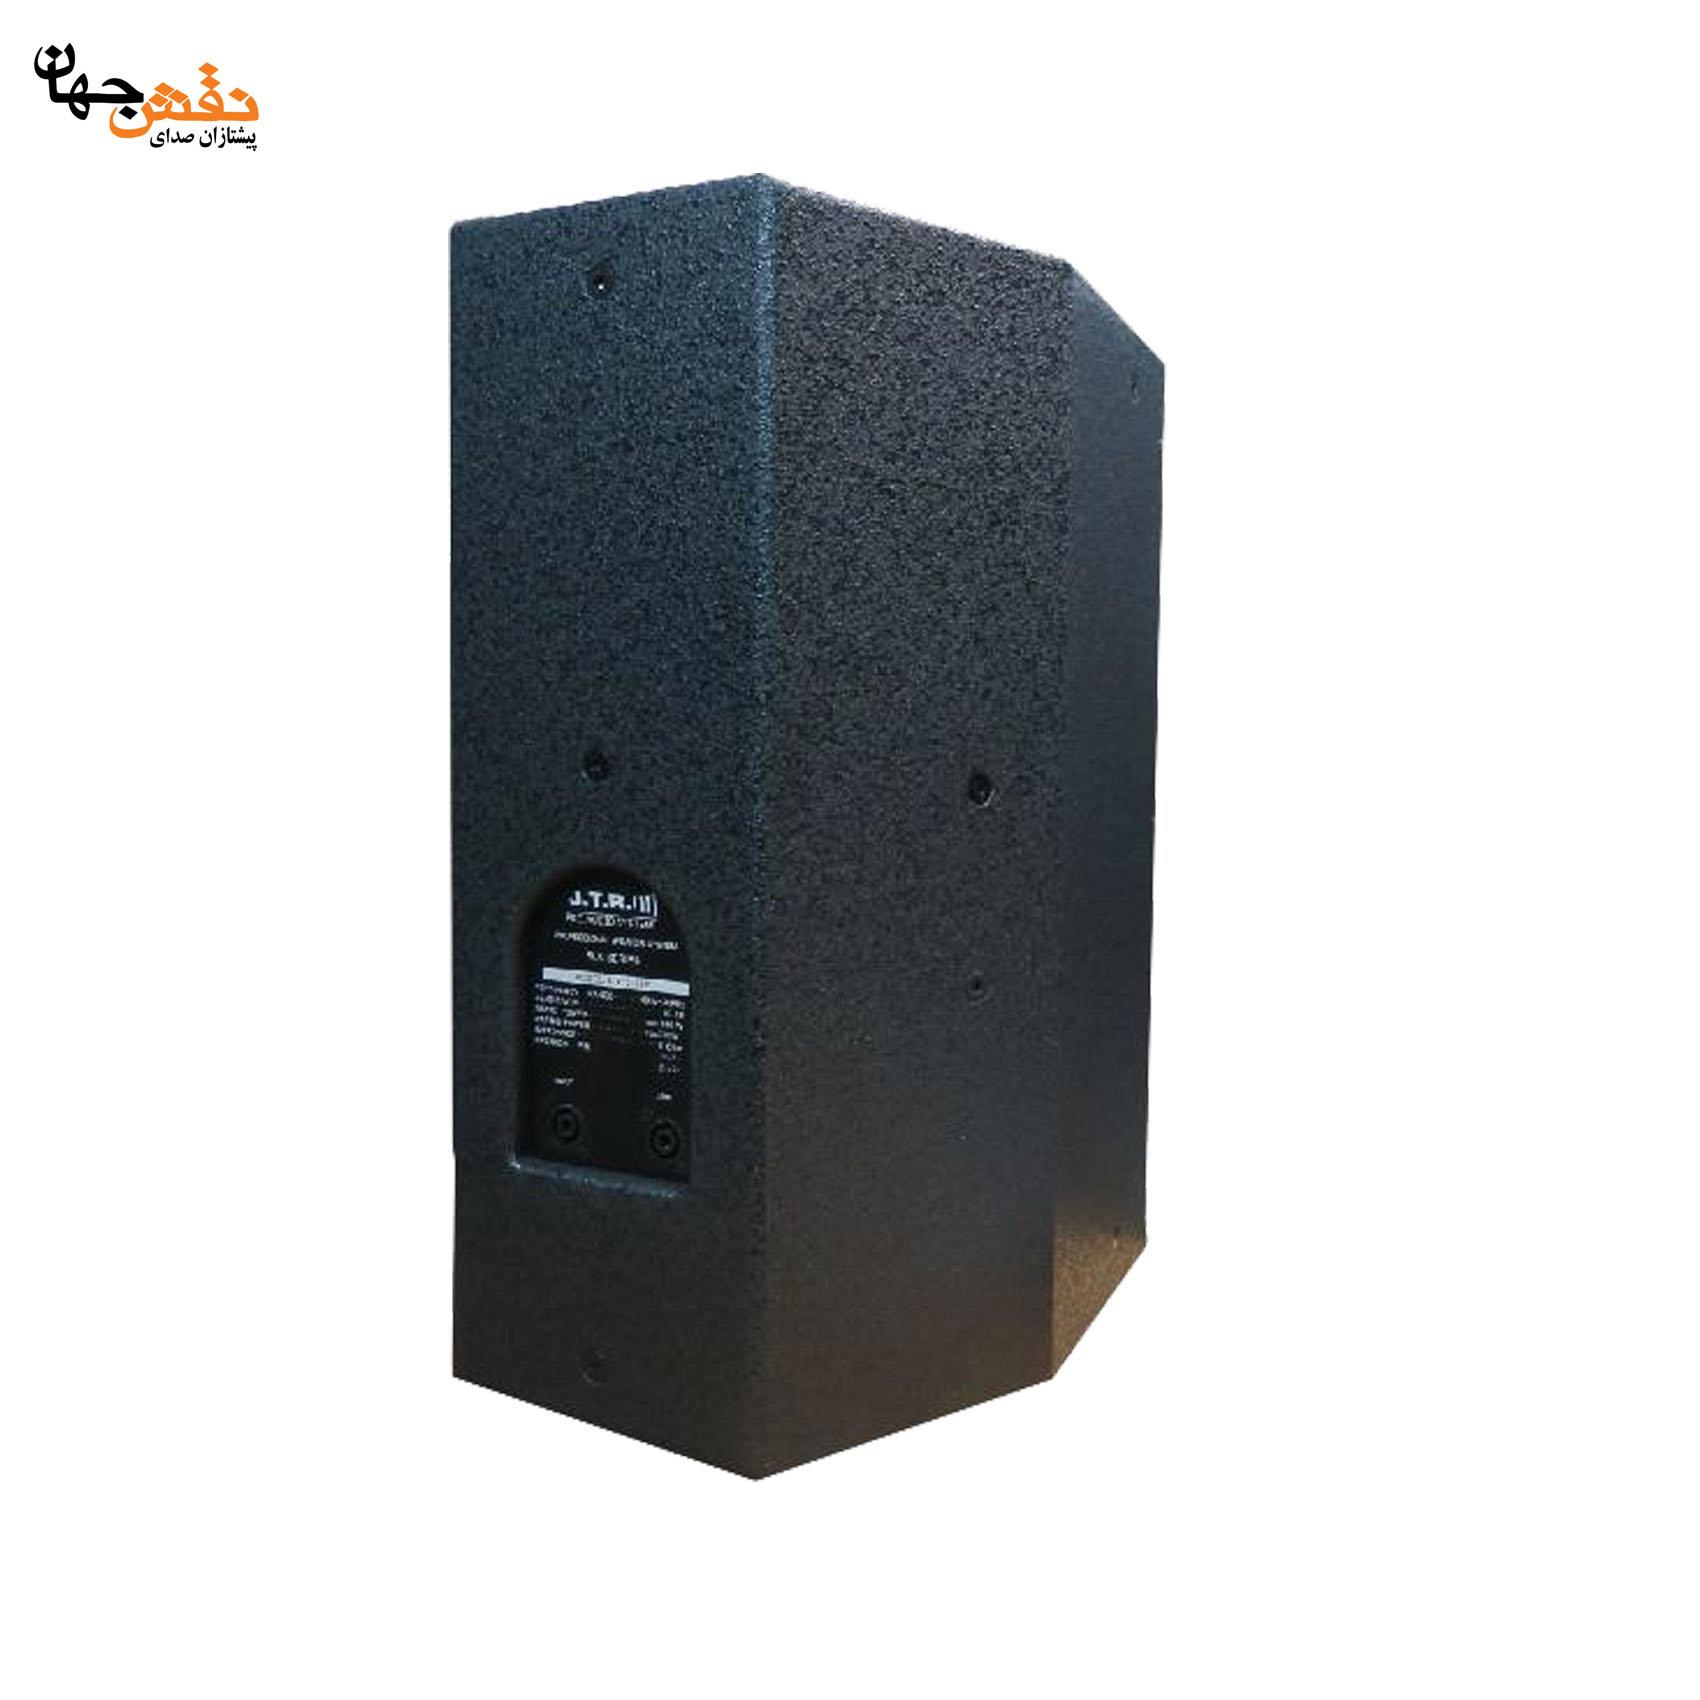 باند پسیو جی تی آر مدلSLX12400